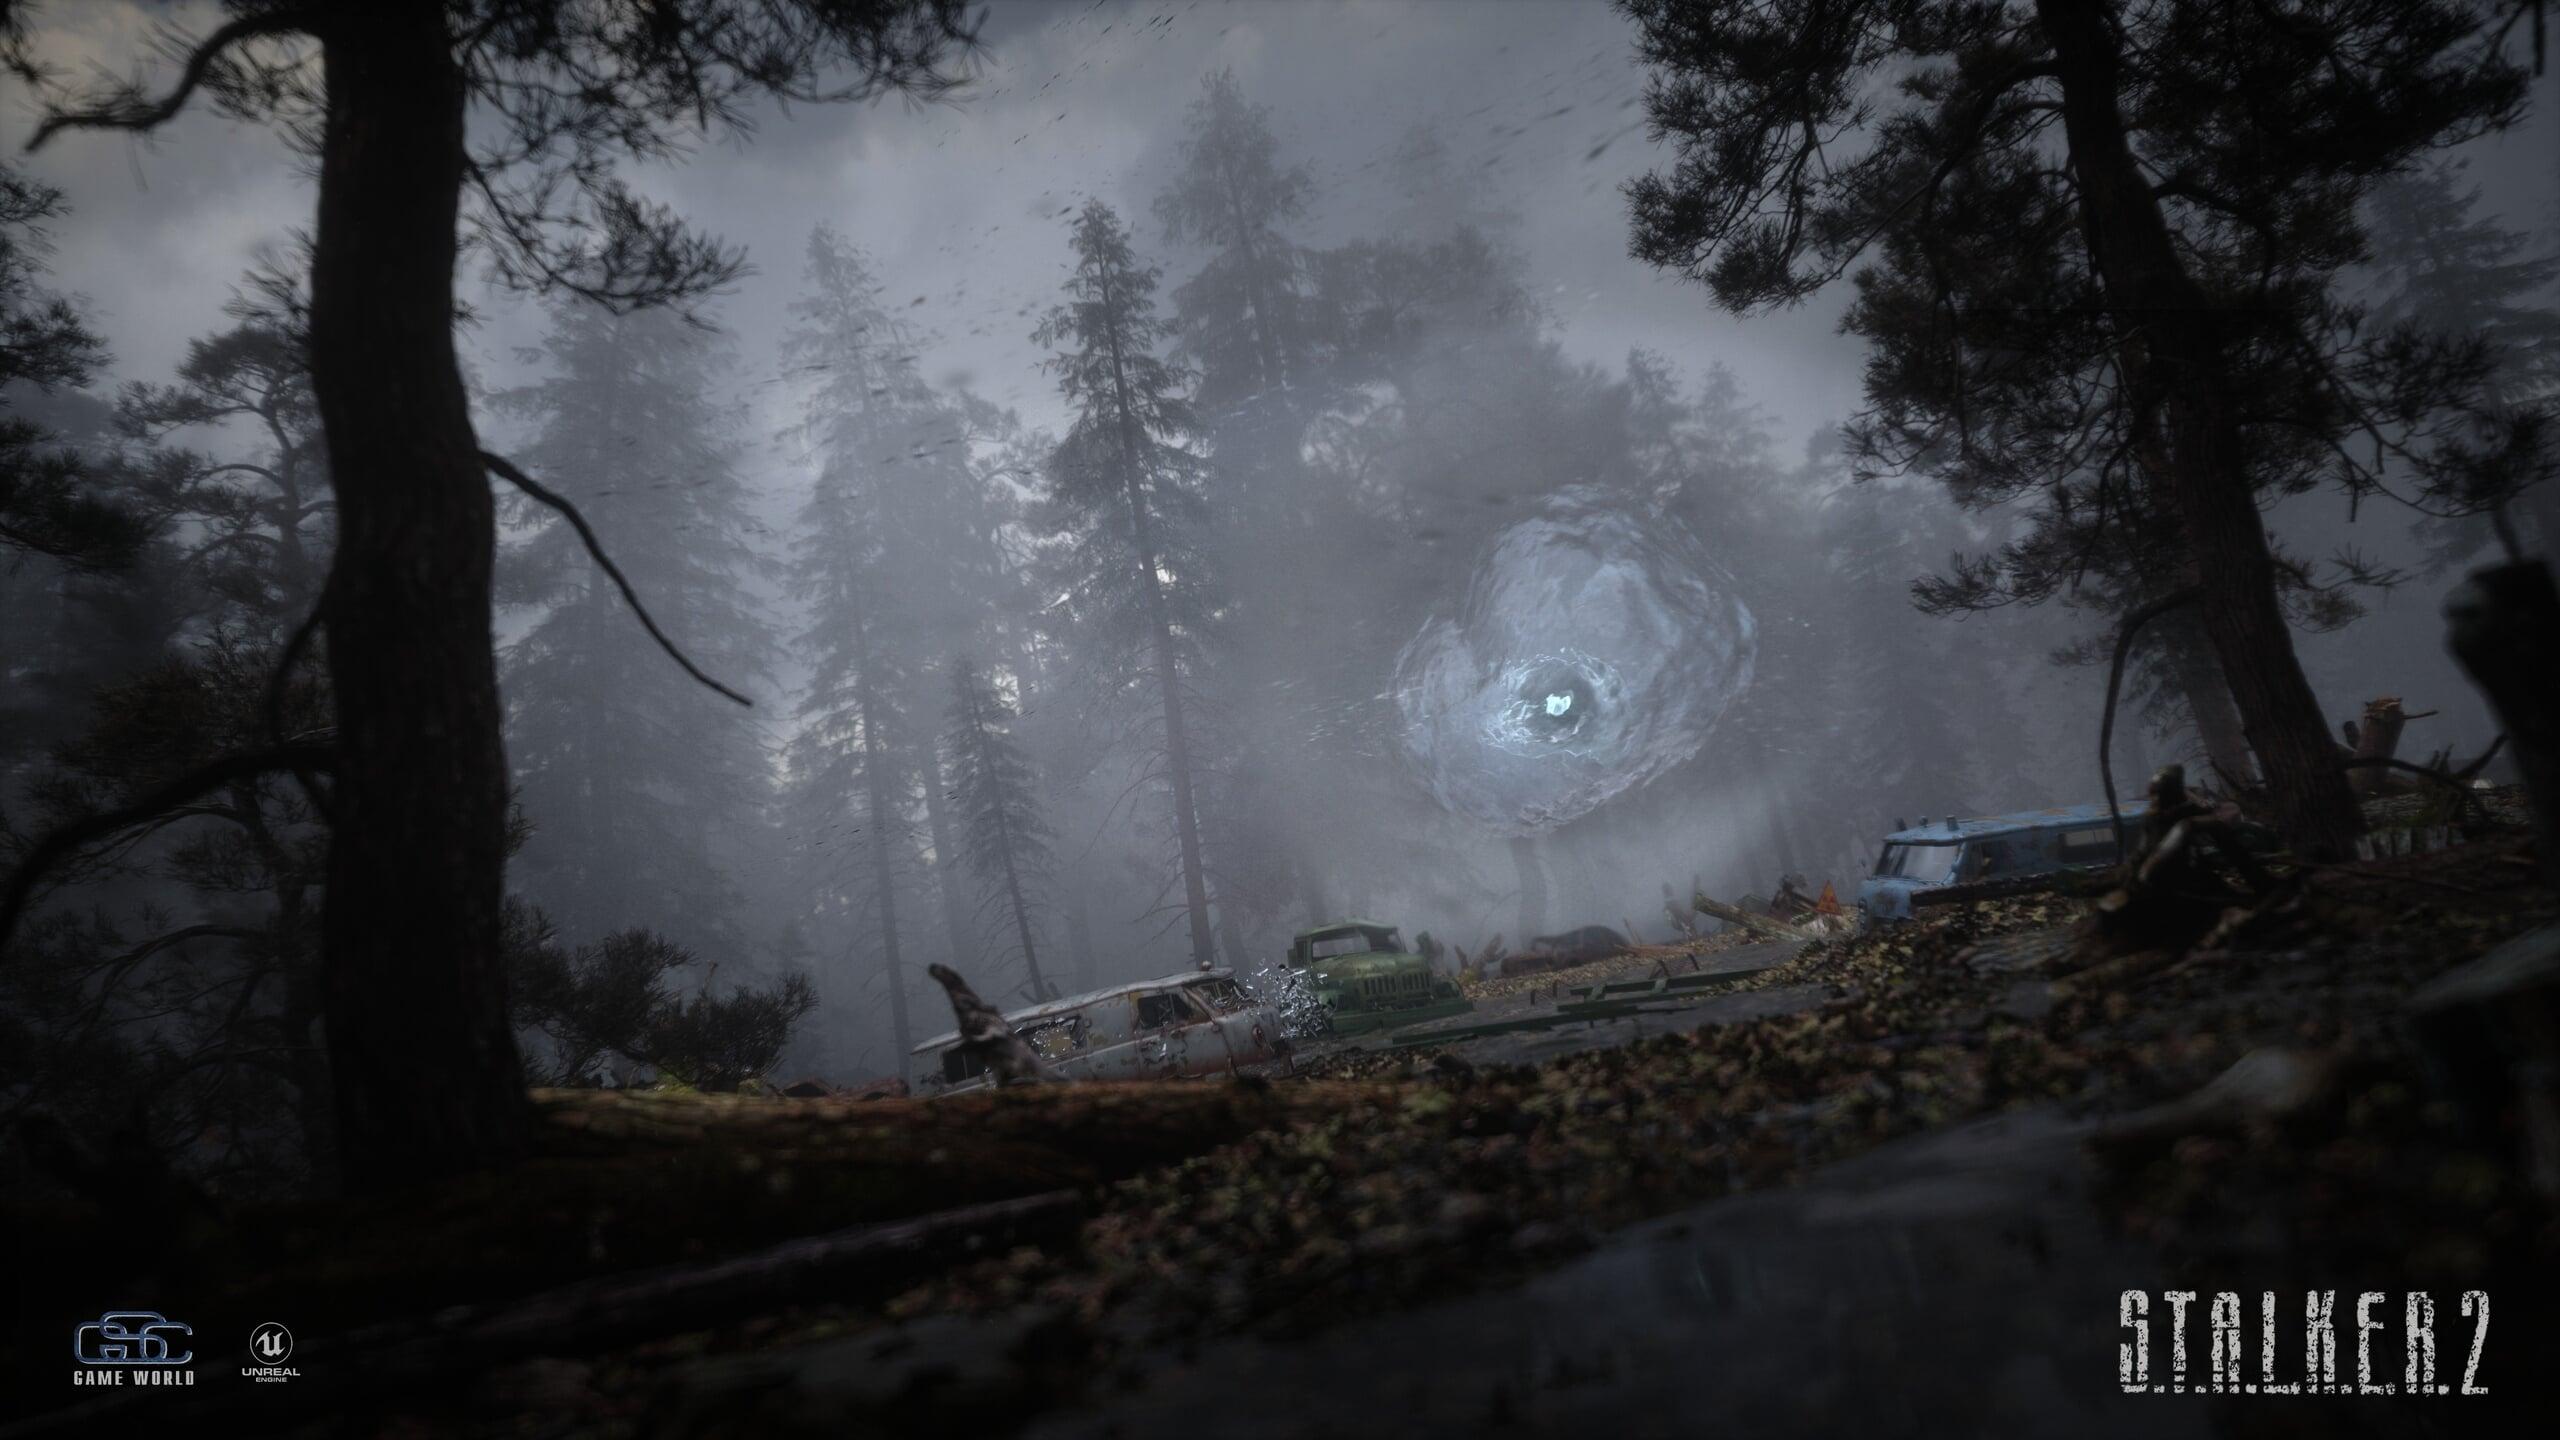 S.T.A.L.K.E.R. 2: версий для PS4 и Xbox One не будет, новости ожидаются до конца года